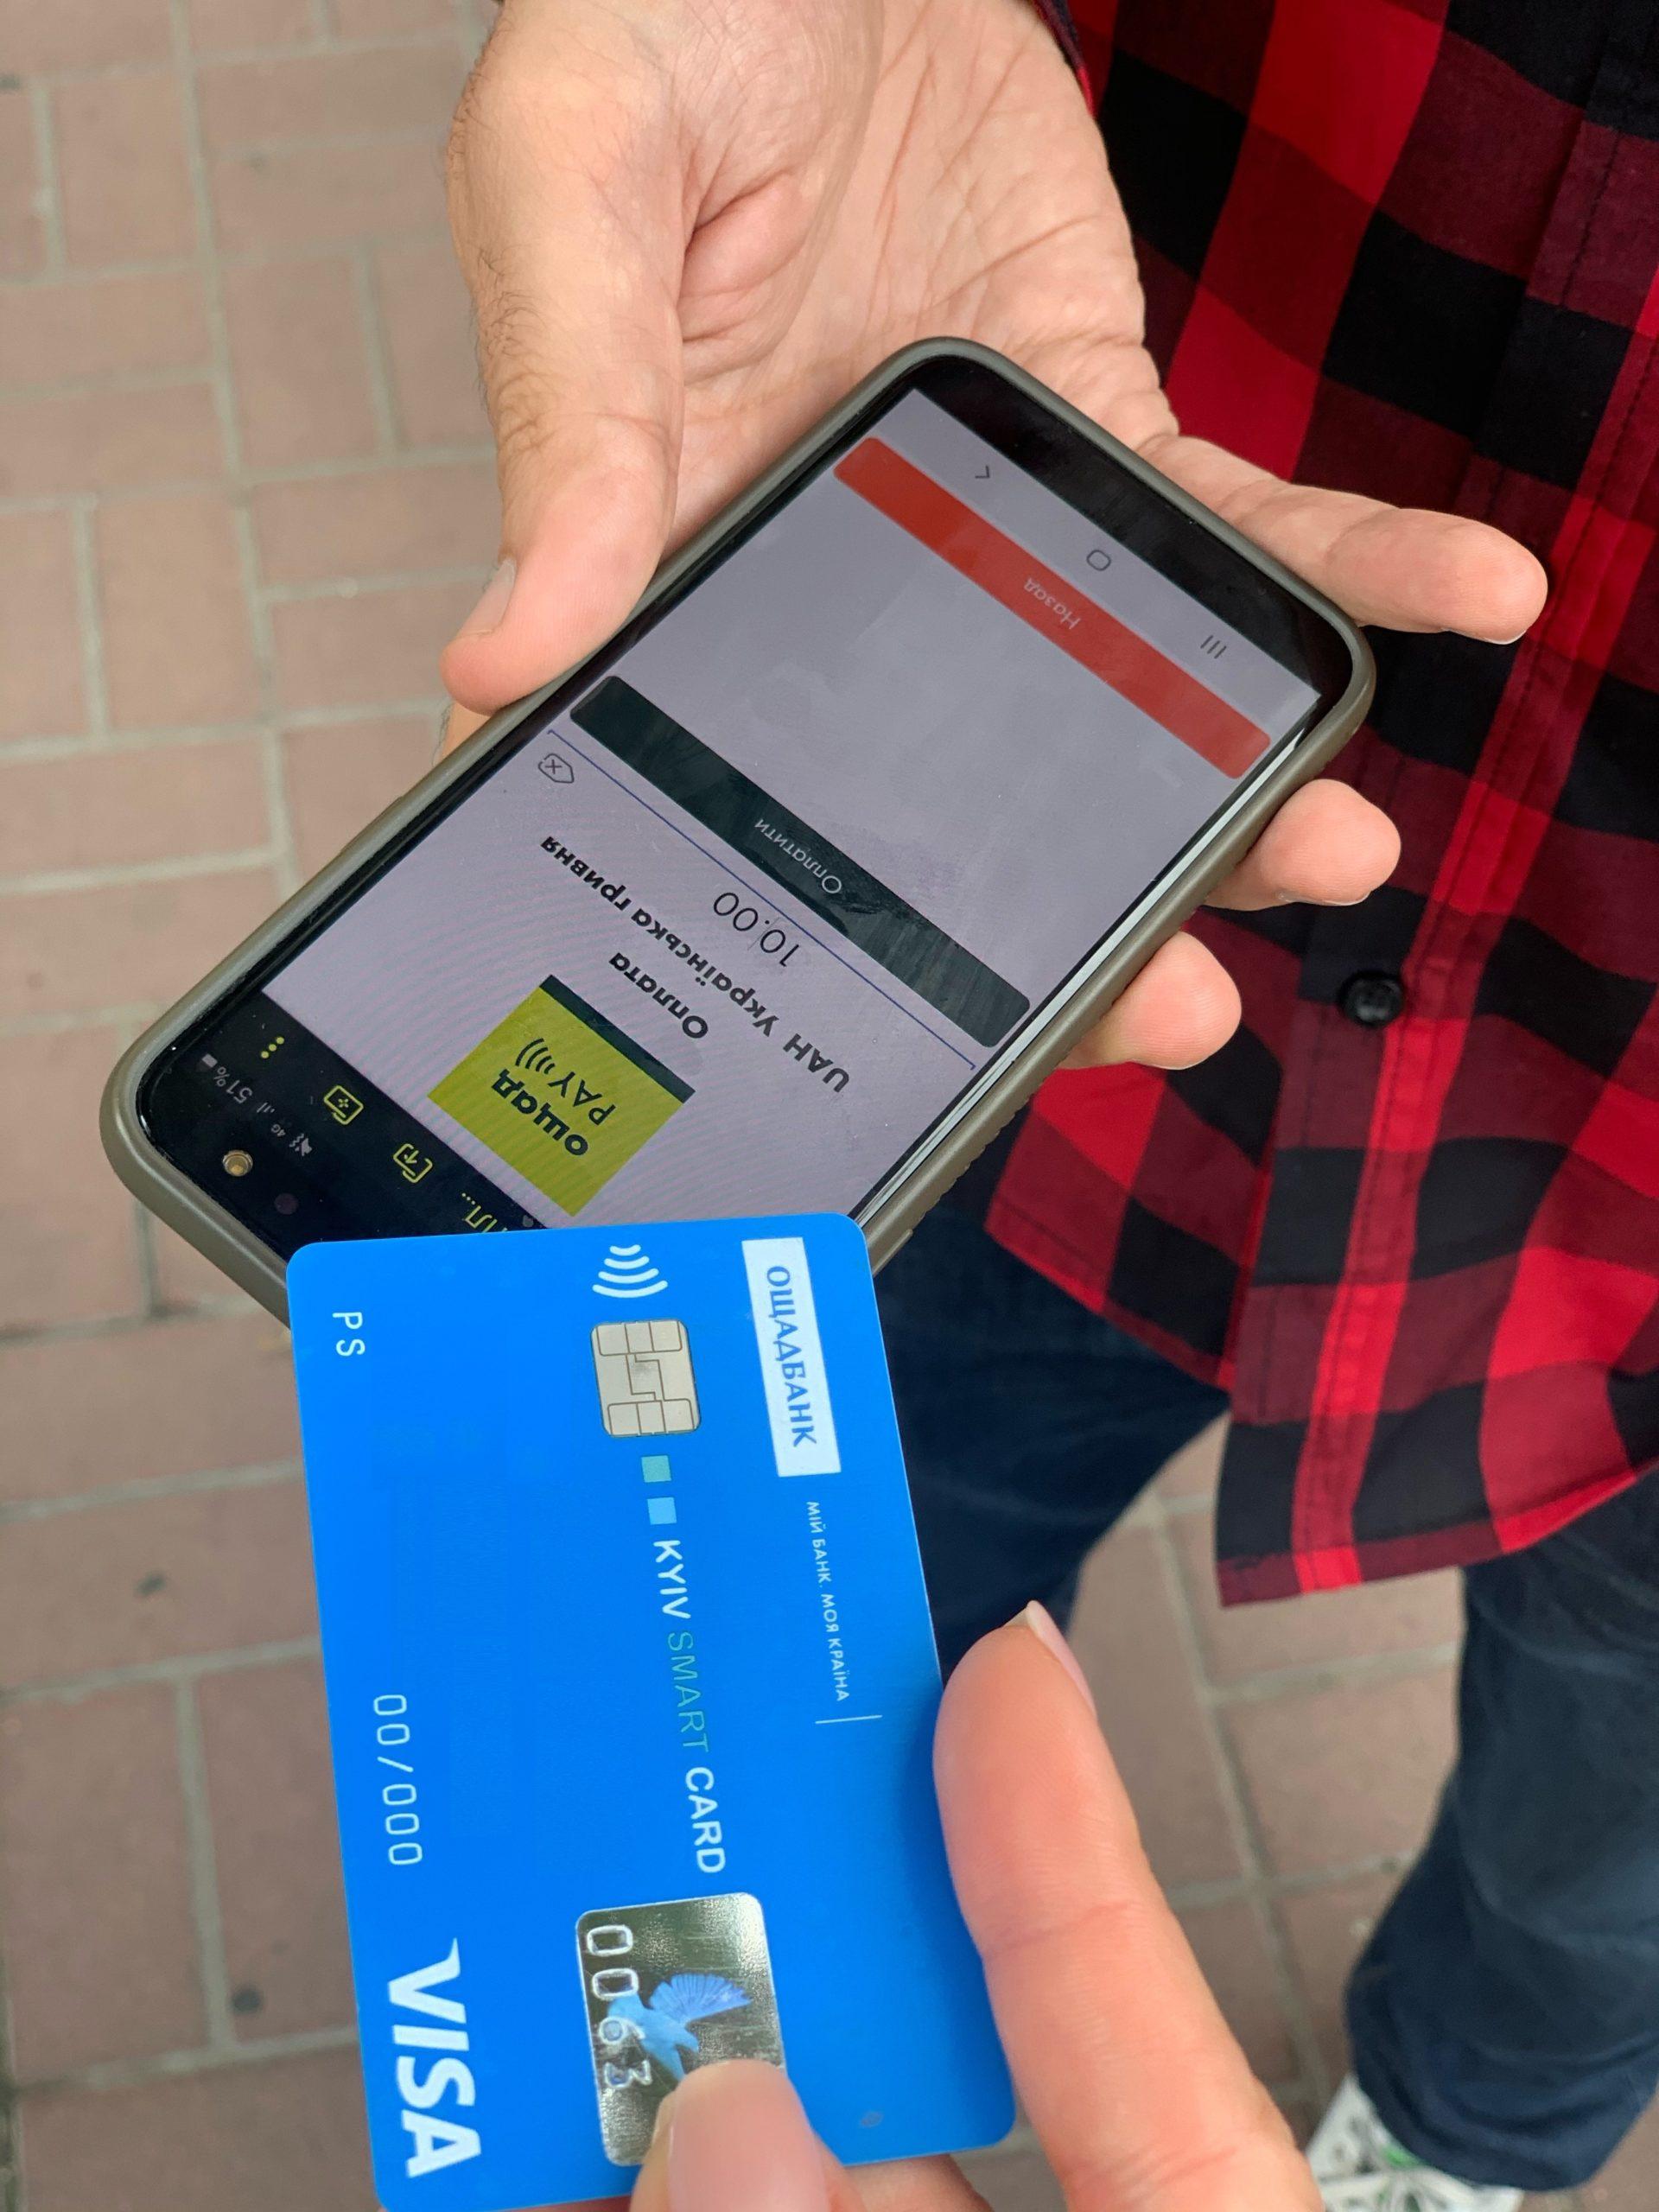 Ощадбанк у партнерстві з Visa запускає сервіс ОщадPAY на базі технології Visa Tap to Phone для приймання безконтактних платежів у смартфонах